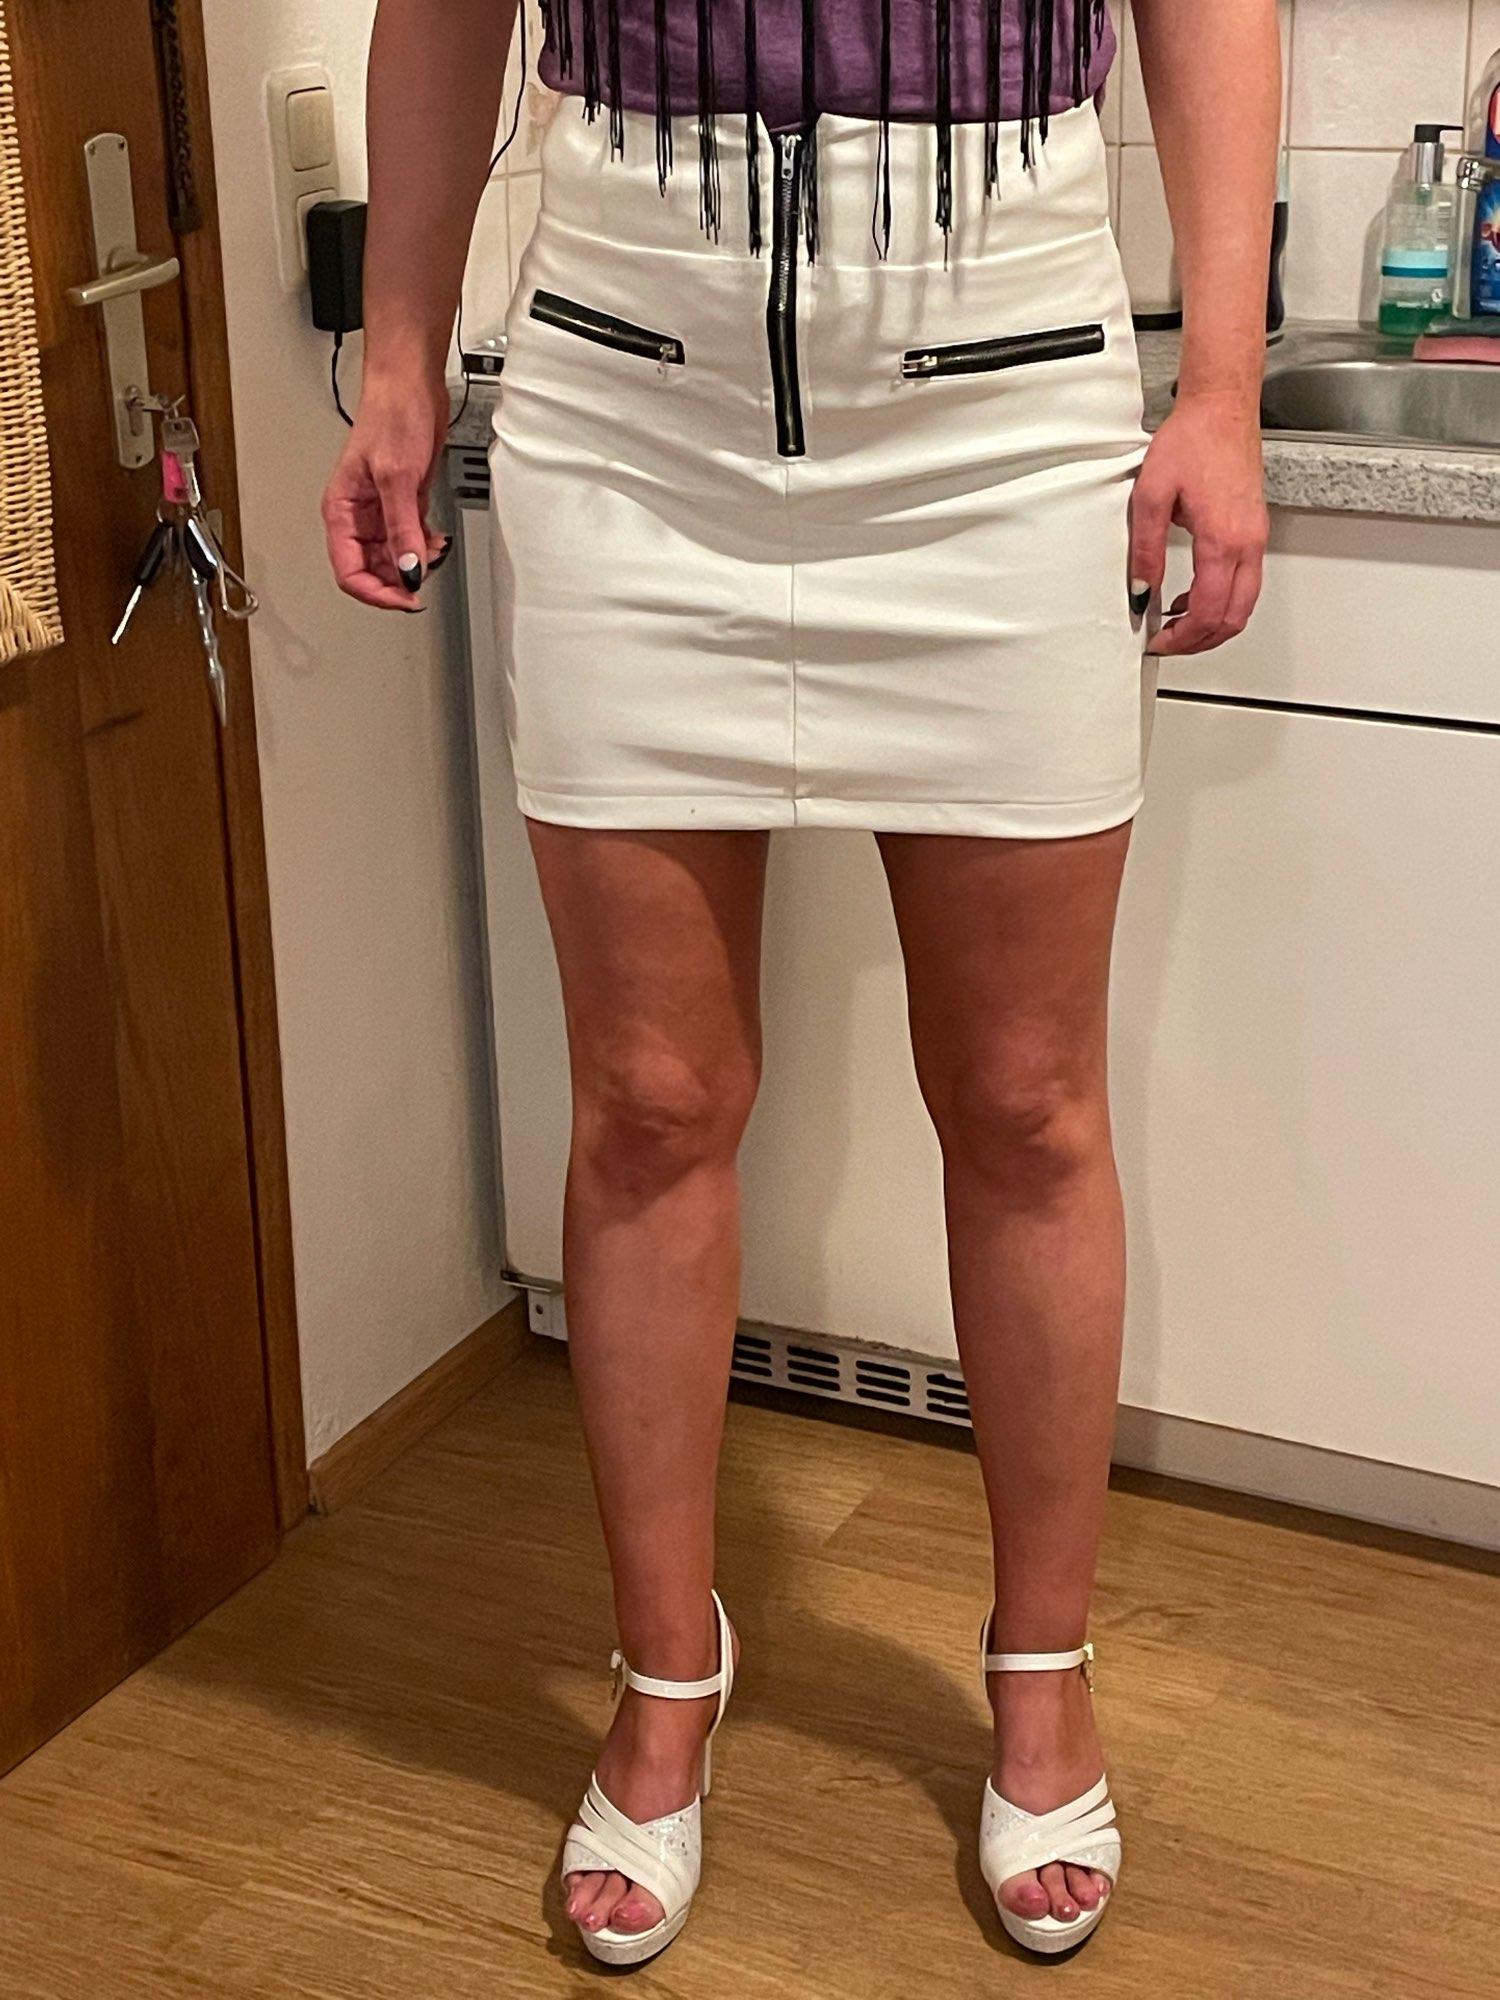 Womens PU Leather Zipper Skirt High Waist Pencil Evening Party Club Wear Bodycon Short Mini Skirt Summer 2021 Skirts    - AliExpress